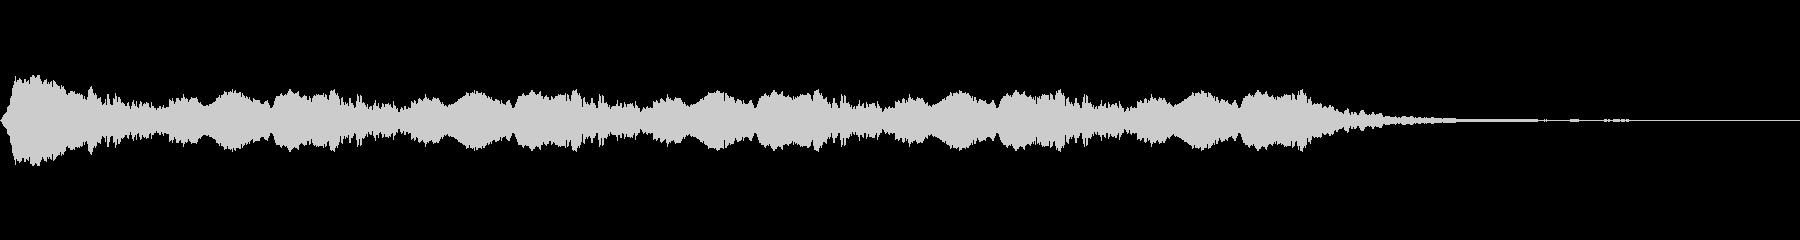 低ドローン、ディープ、スペースの未再生の波形